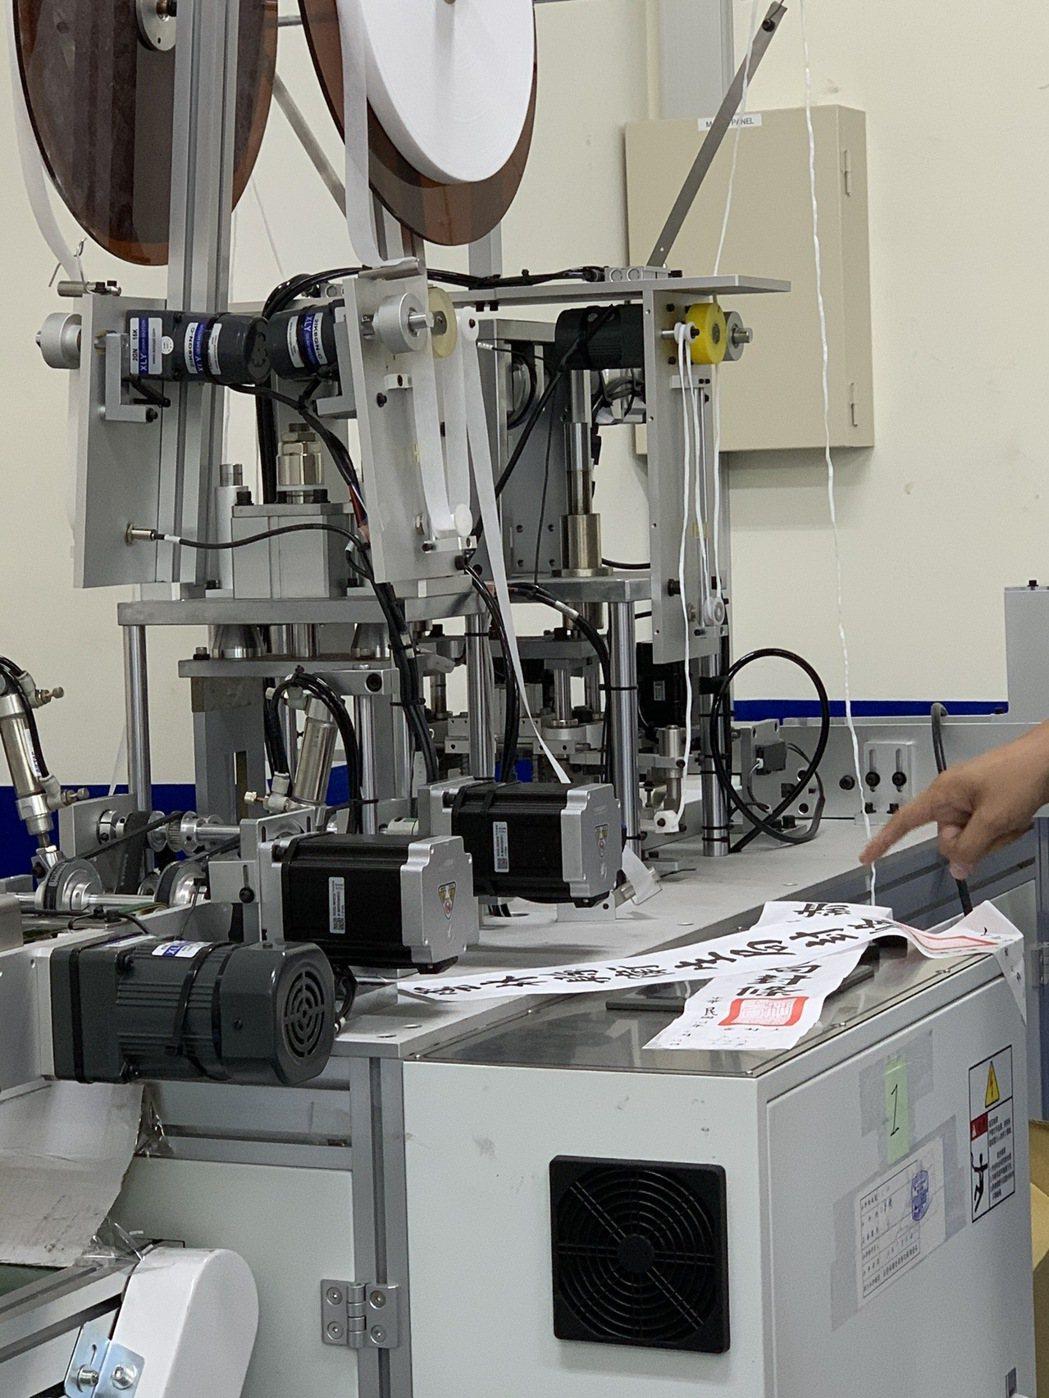 台中市口罩製造商釩泰公司為增加口罩產量,9月起委託未經許可的雲林縣丞威公司製造醫...